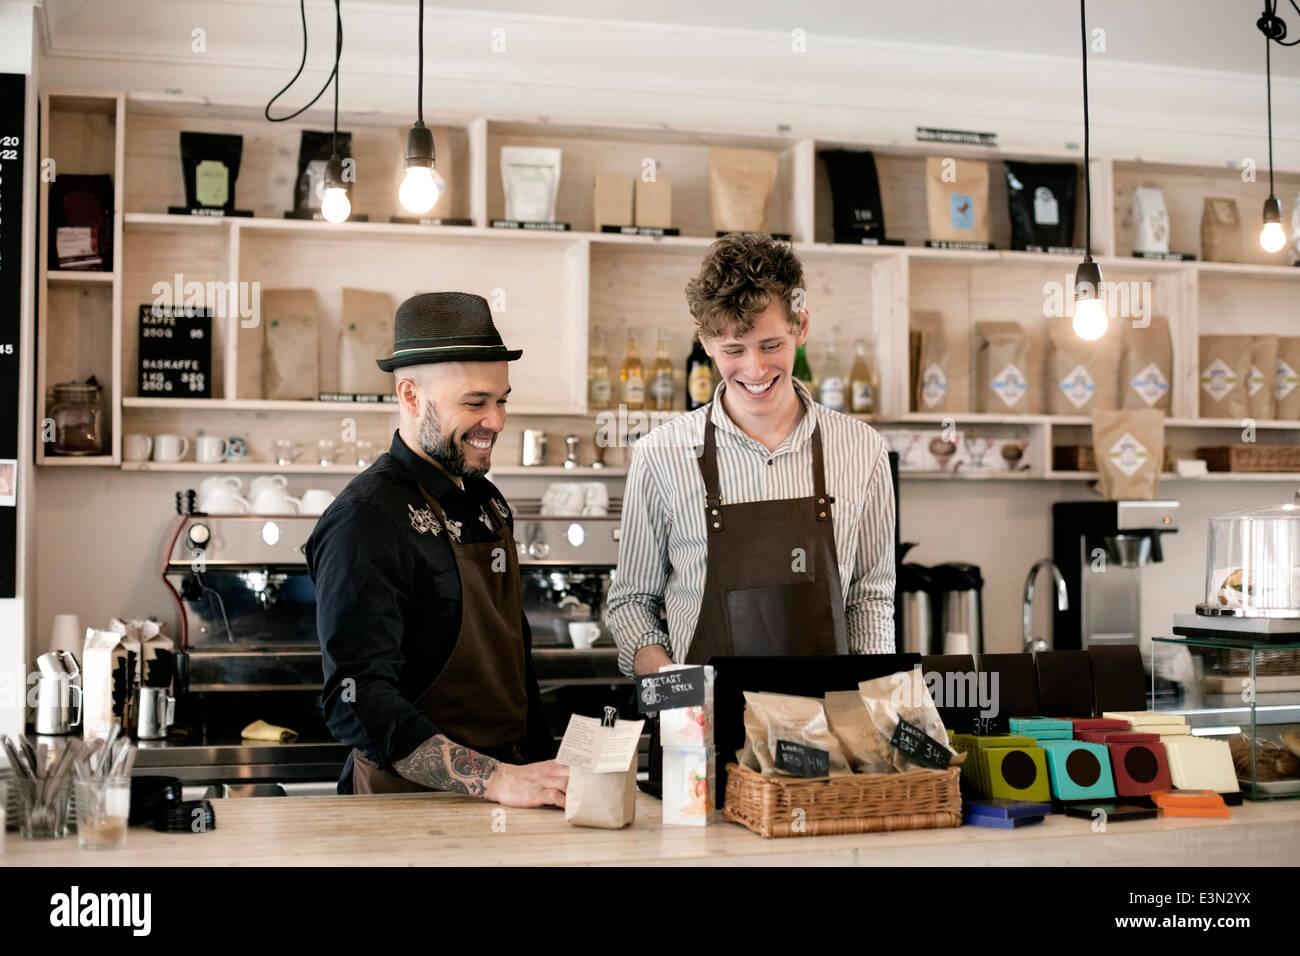 Los trabajadores felices en el cafe counter Imagen De Stock